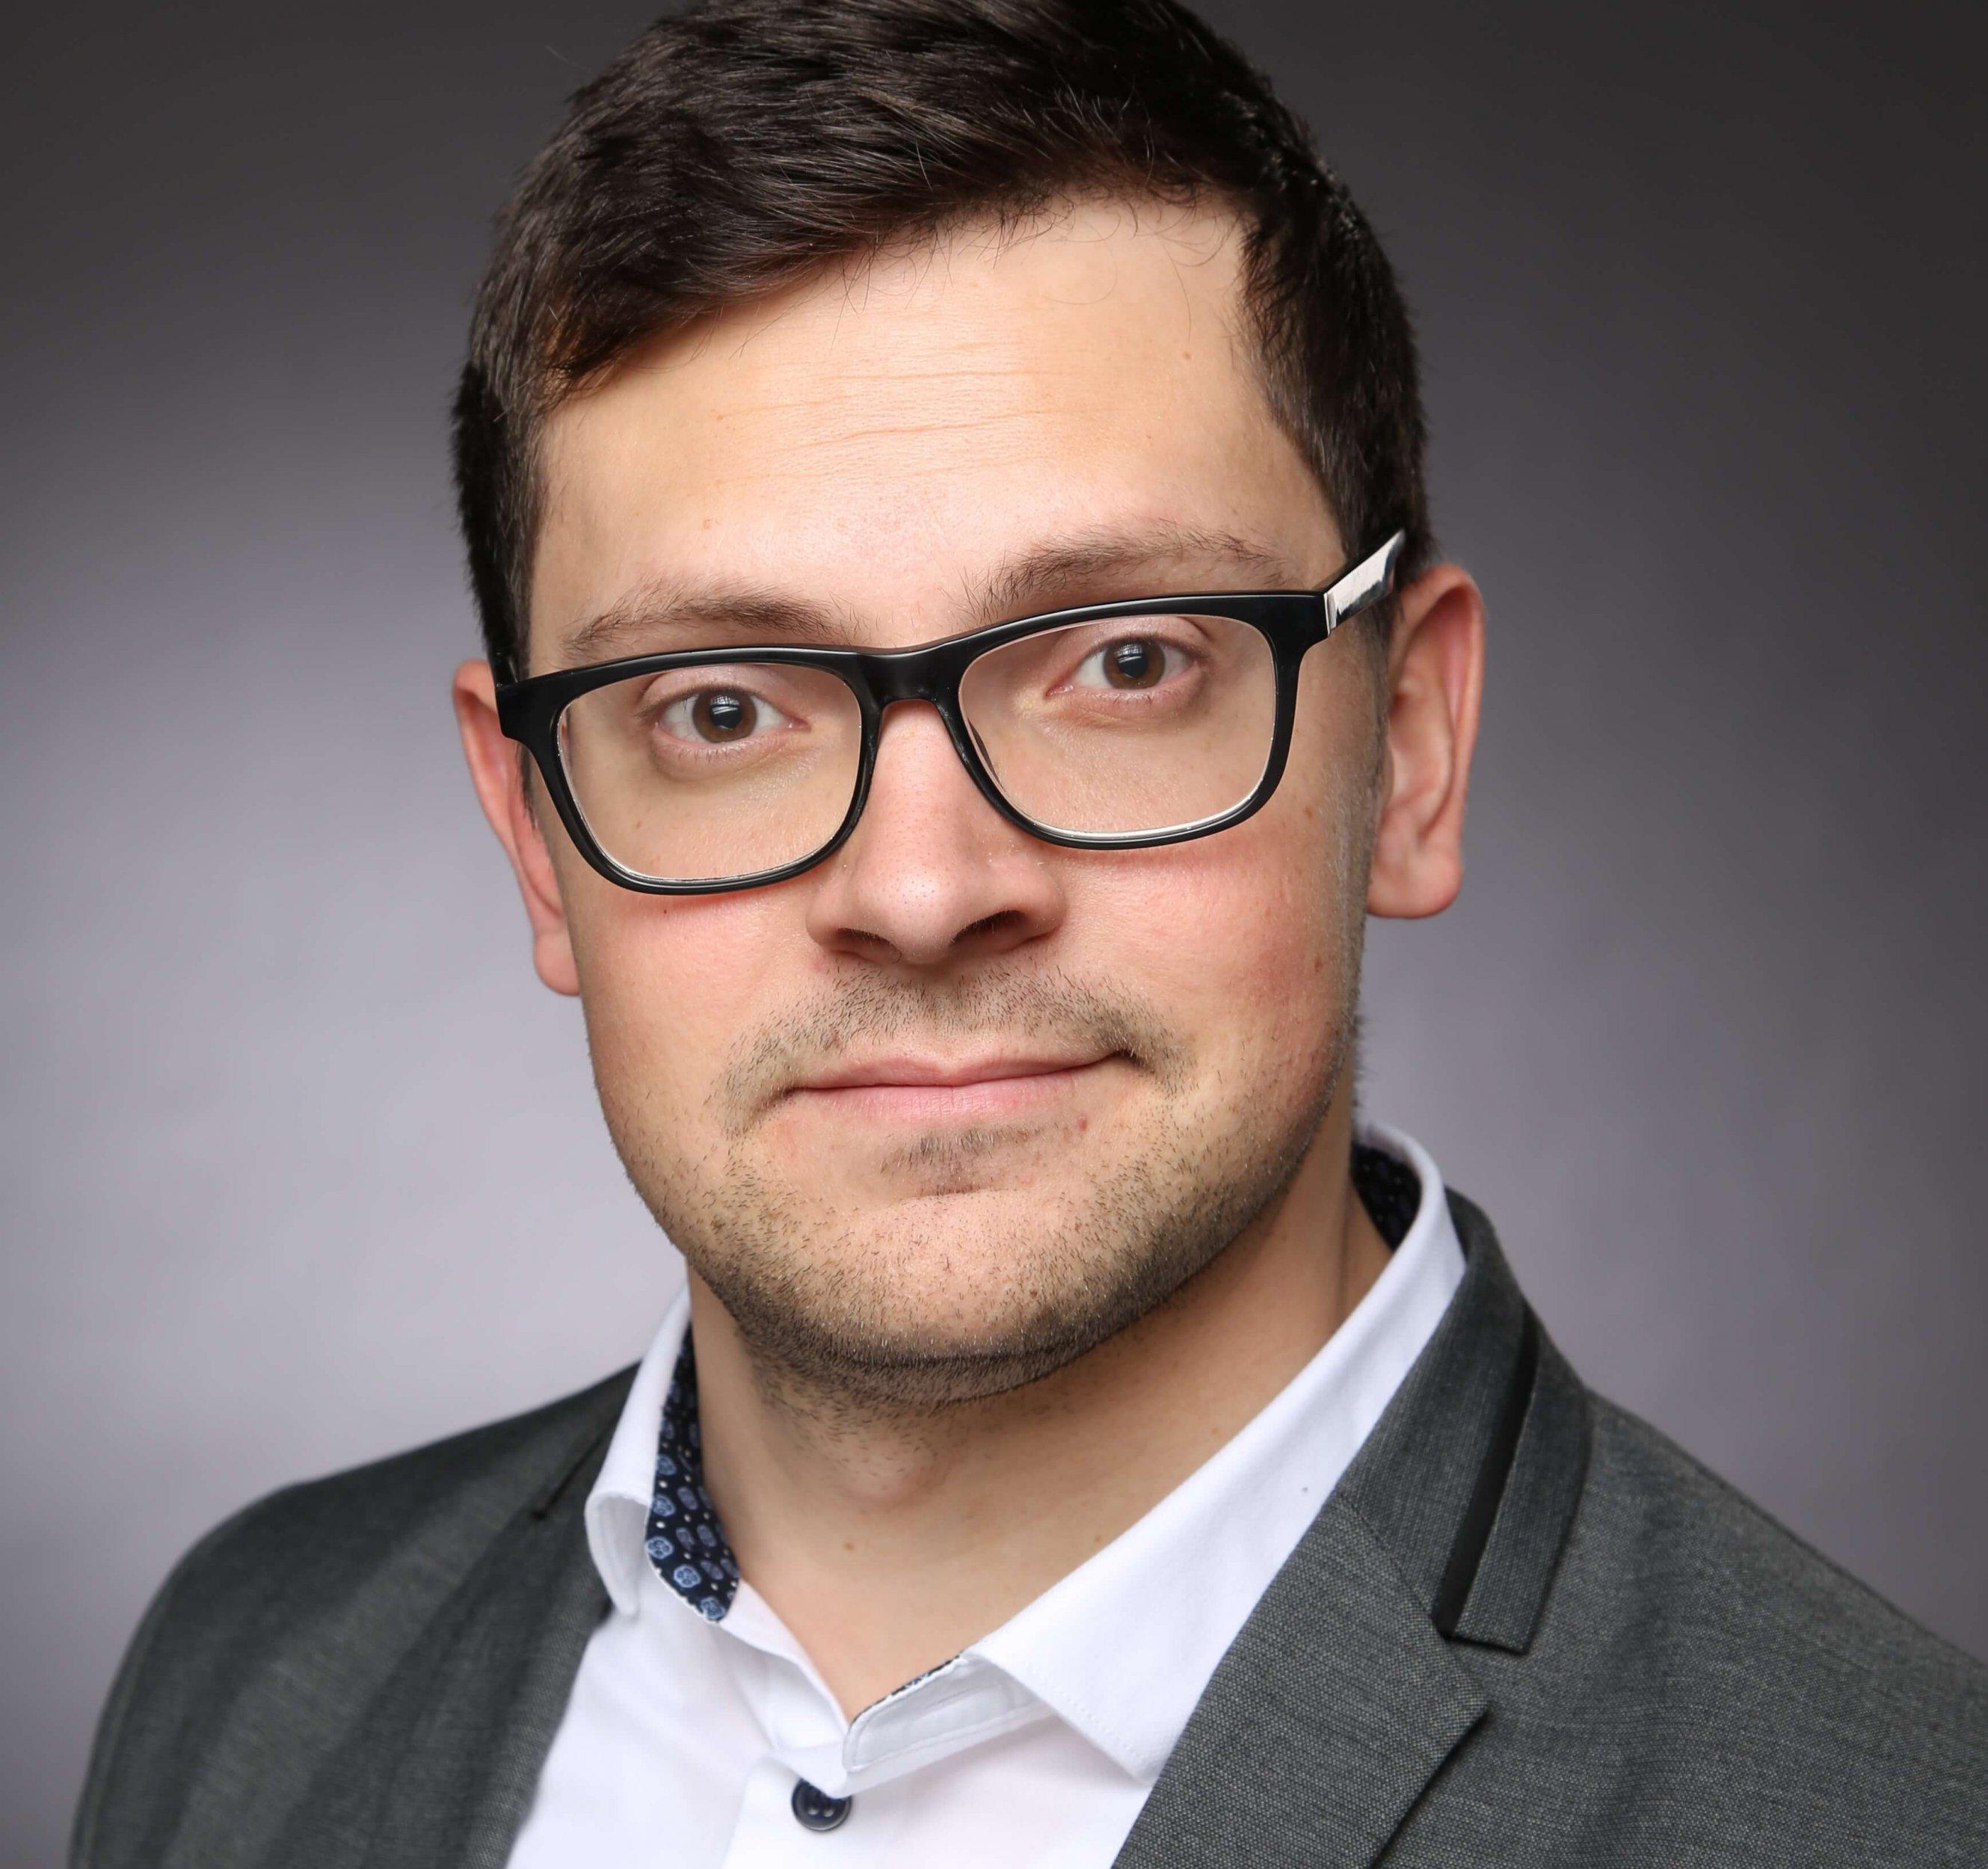 Bild Porträt Jan Kohlmeyer, Wirtschaftsförderung Region Stuttgart (RWS)